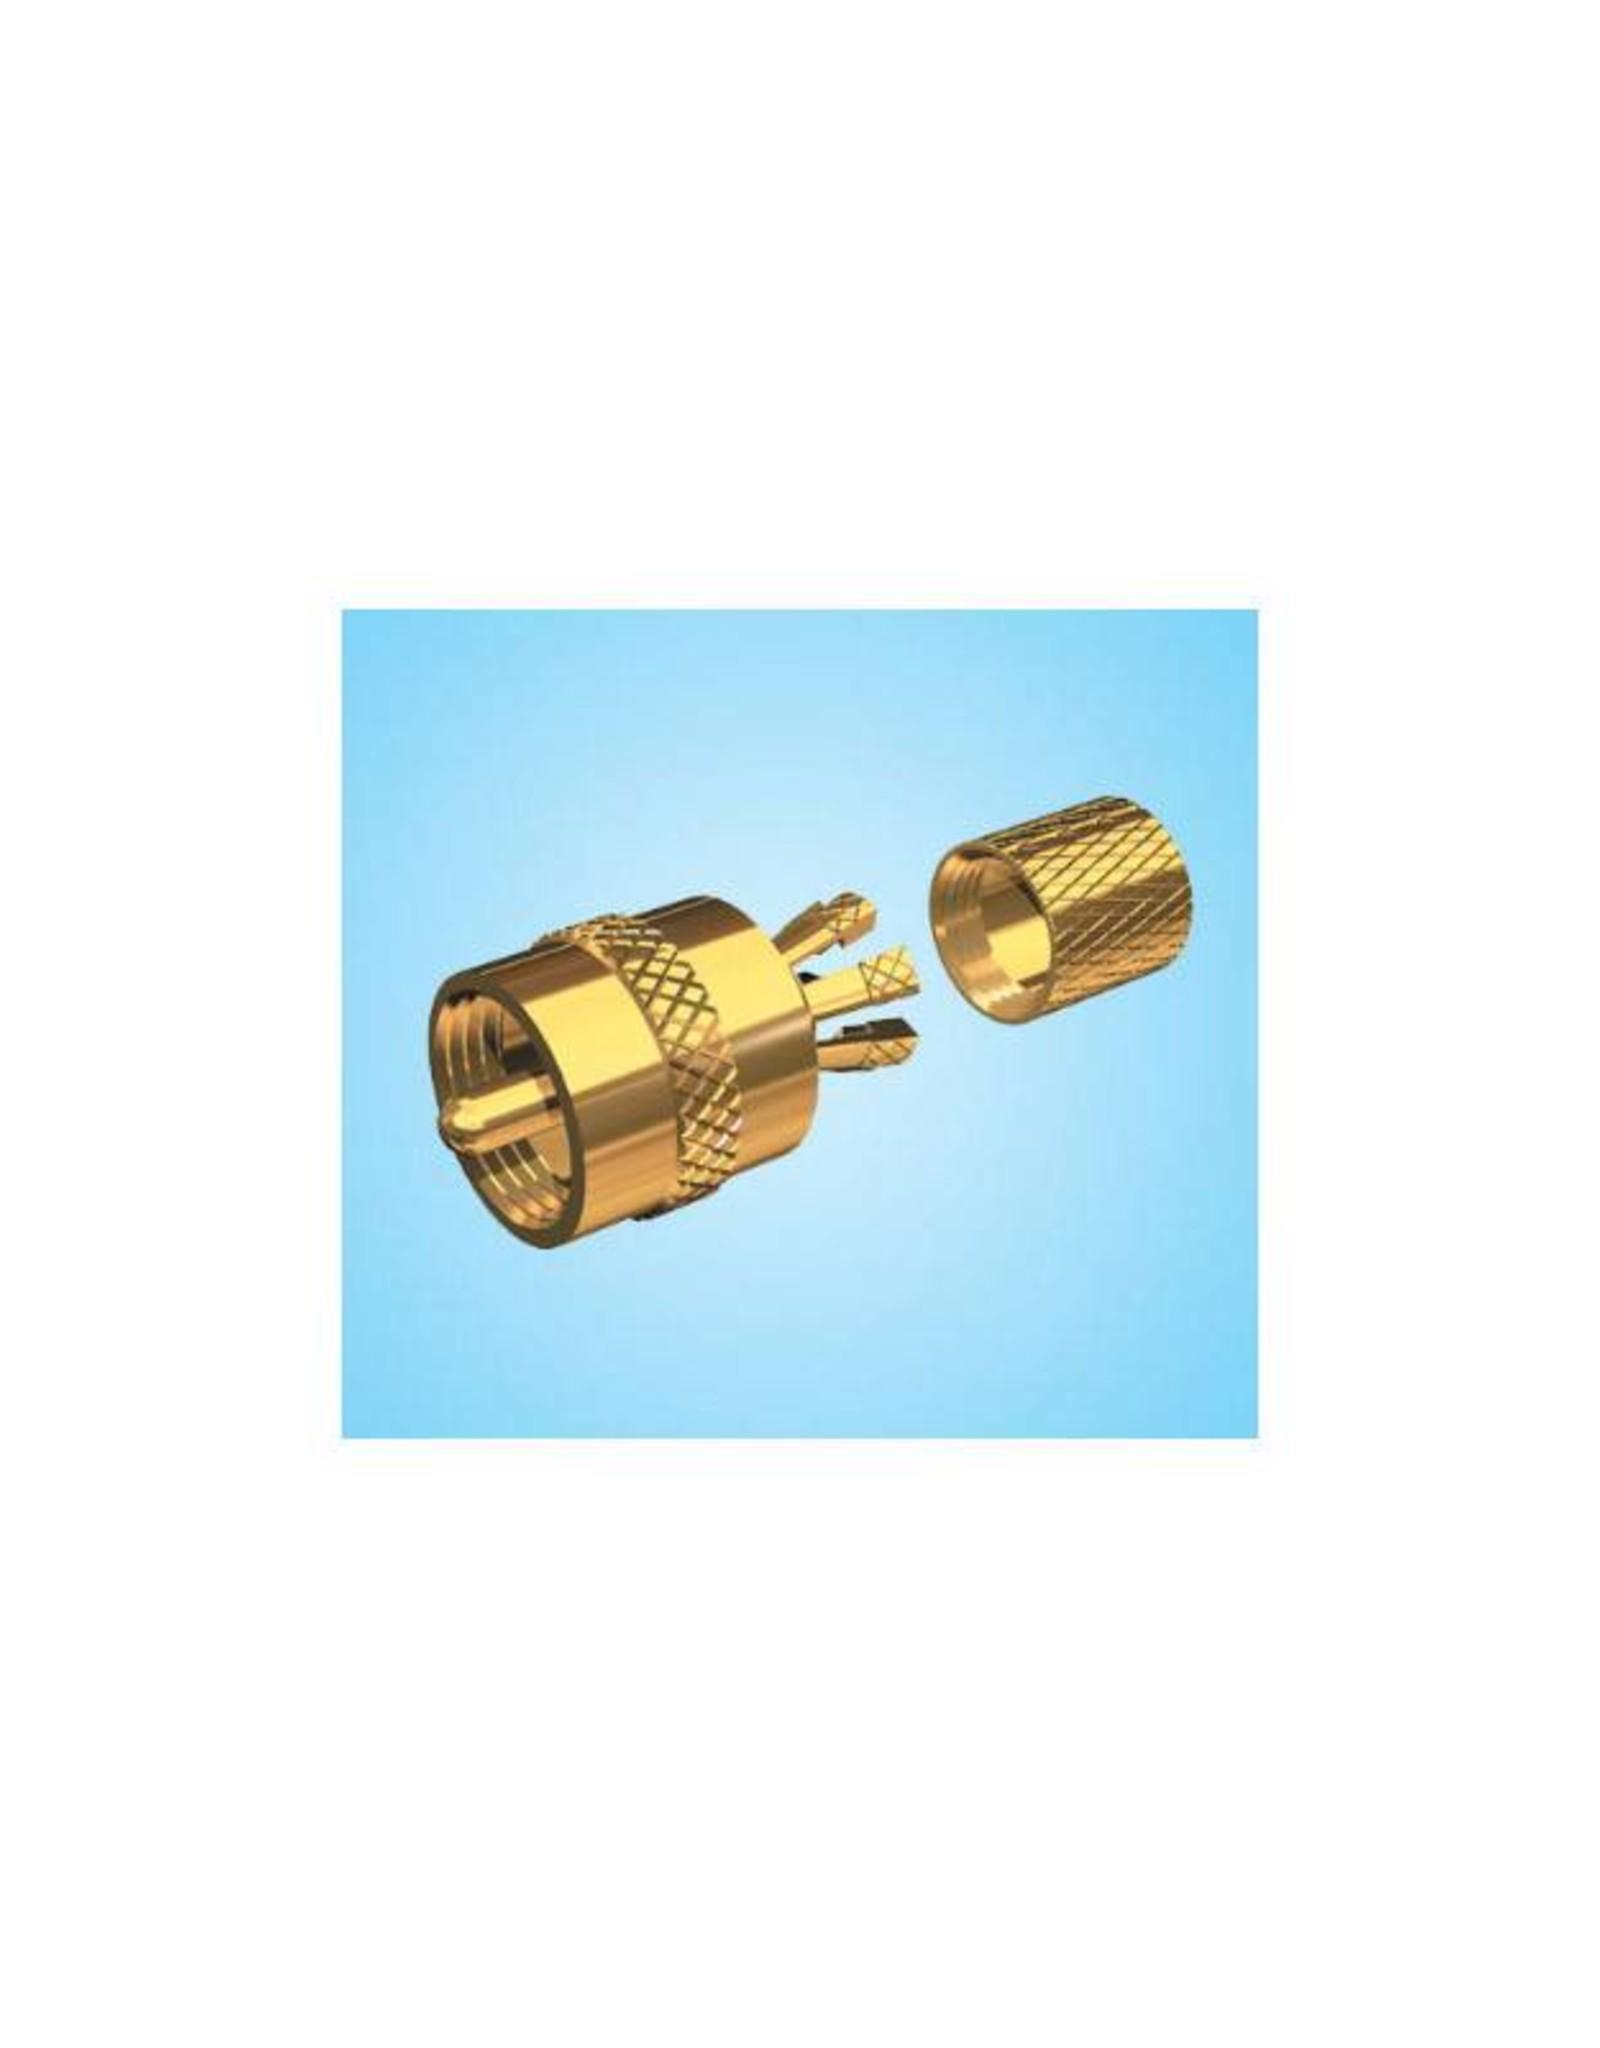 GOLD PLTD CENTERPIN PL-259 PL259CP-G